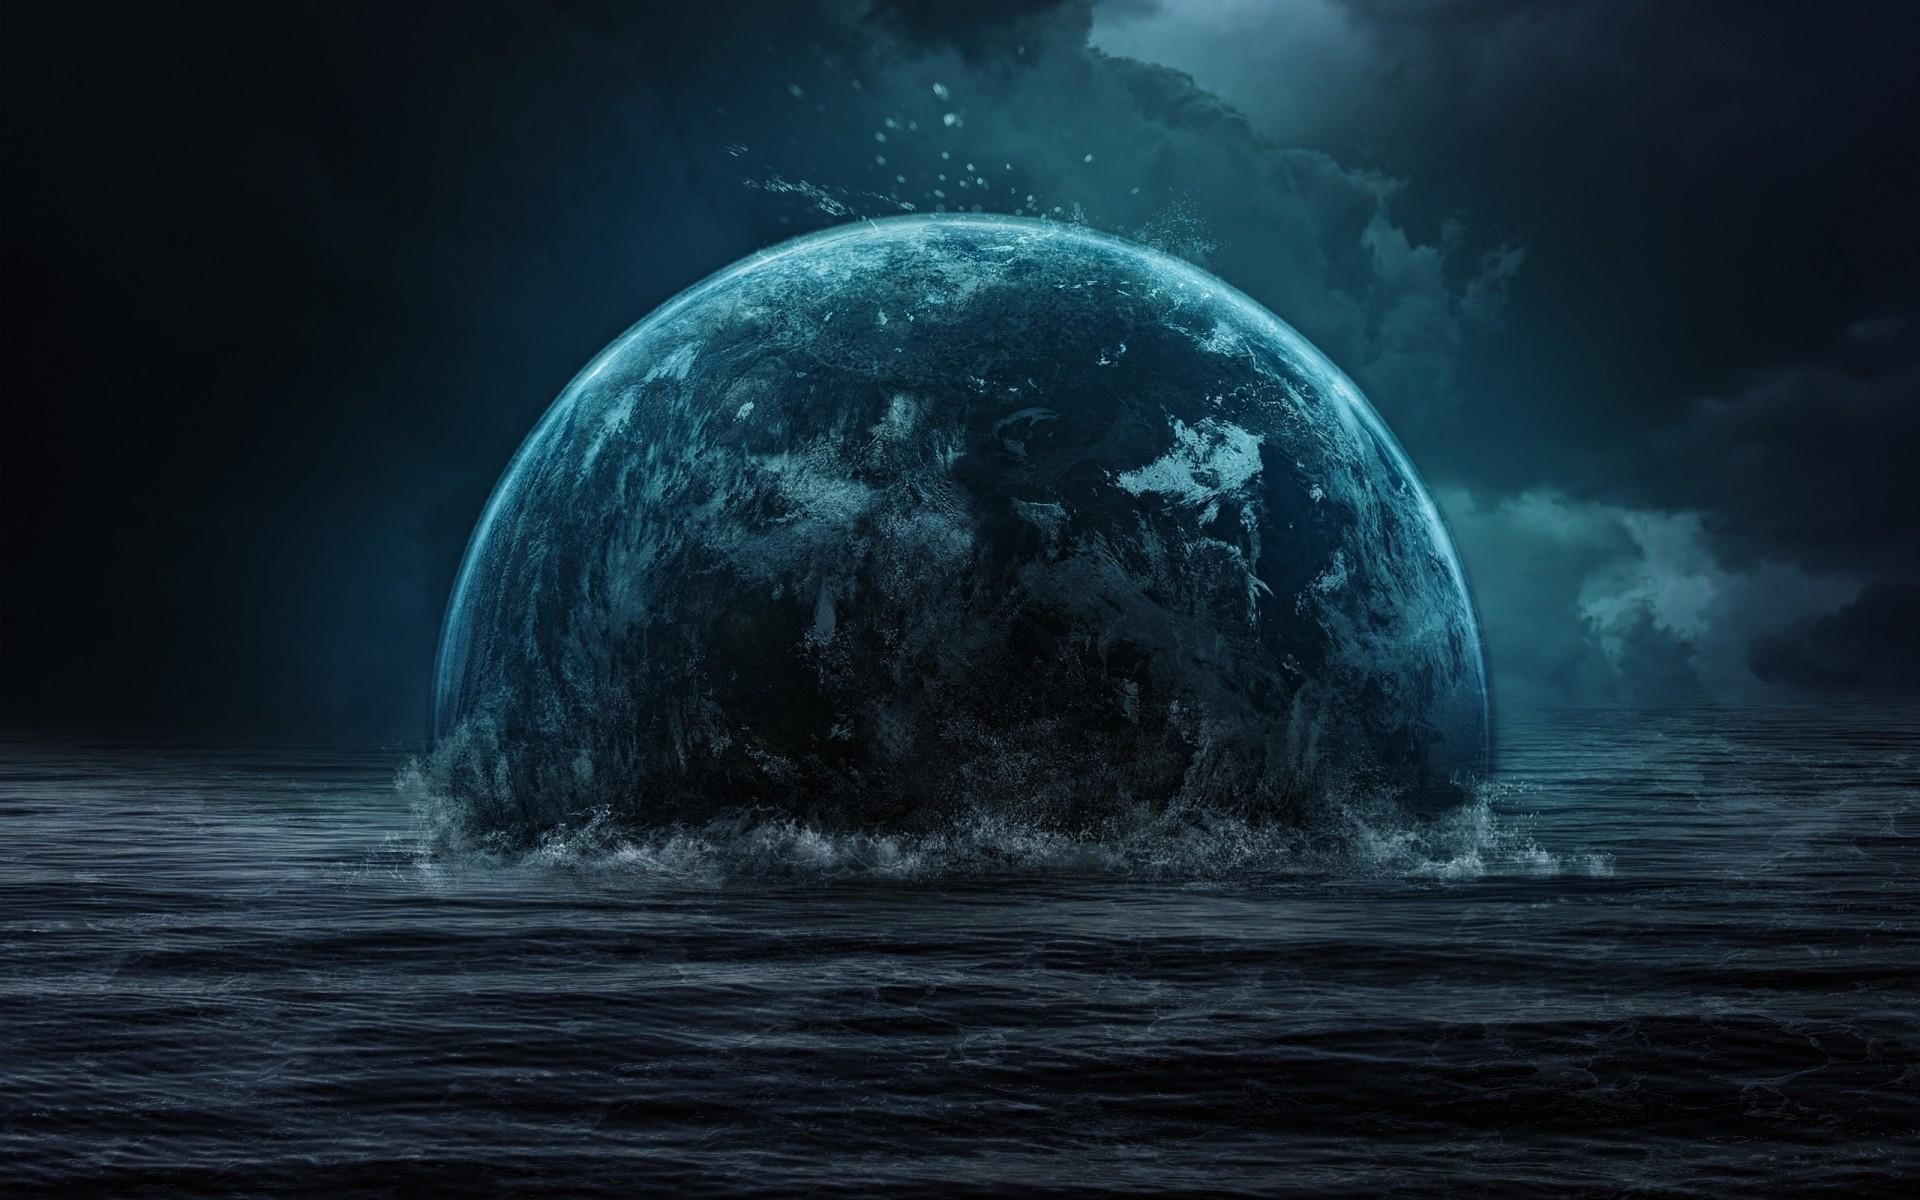 космос мистические картинки необязательно